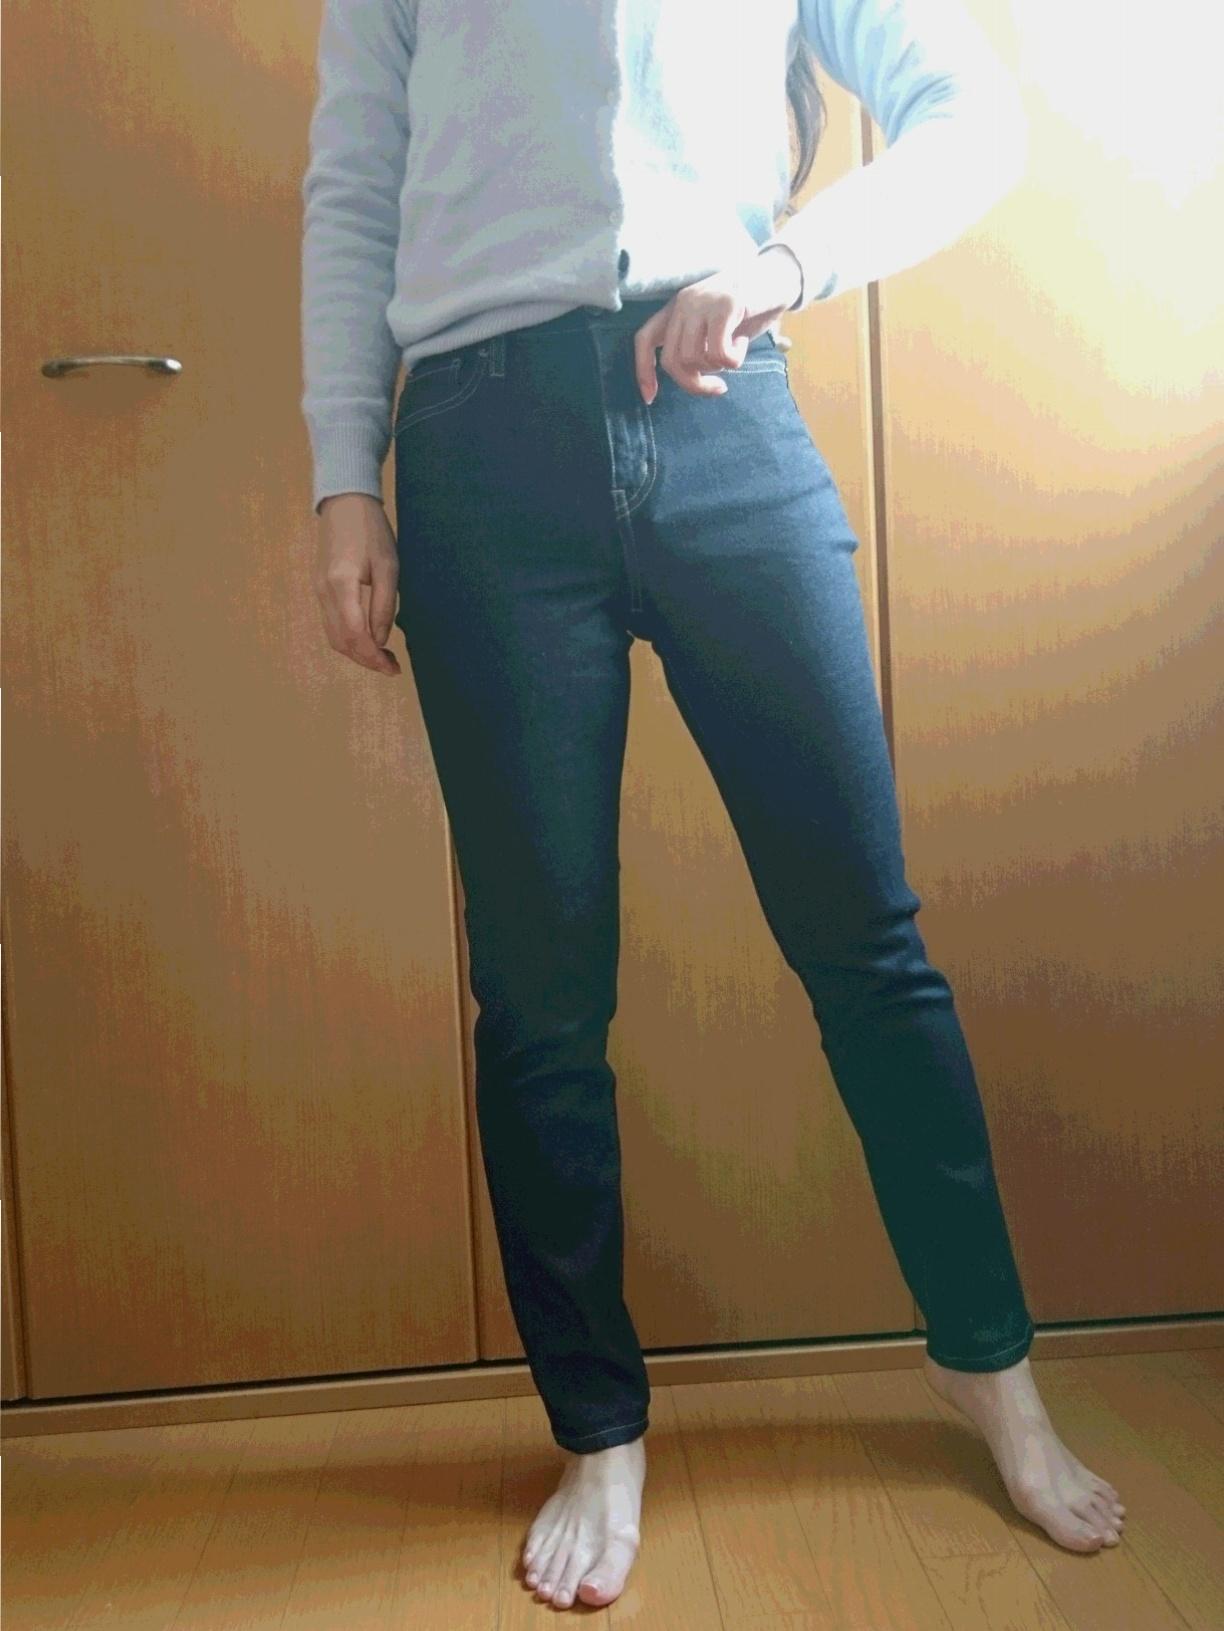 ユニクロ初トク新年祭☆ 春に向けてジーンズを買い足し_2